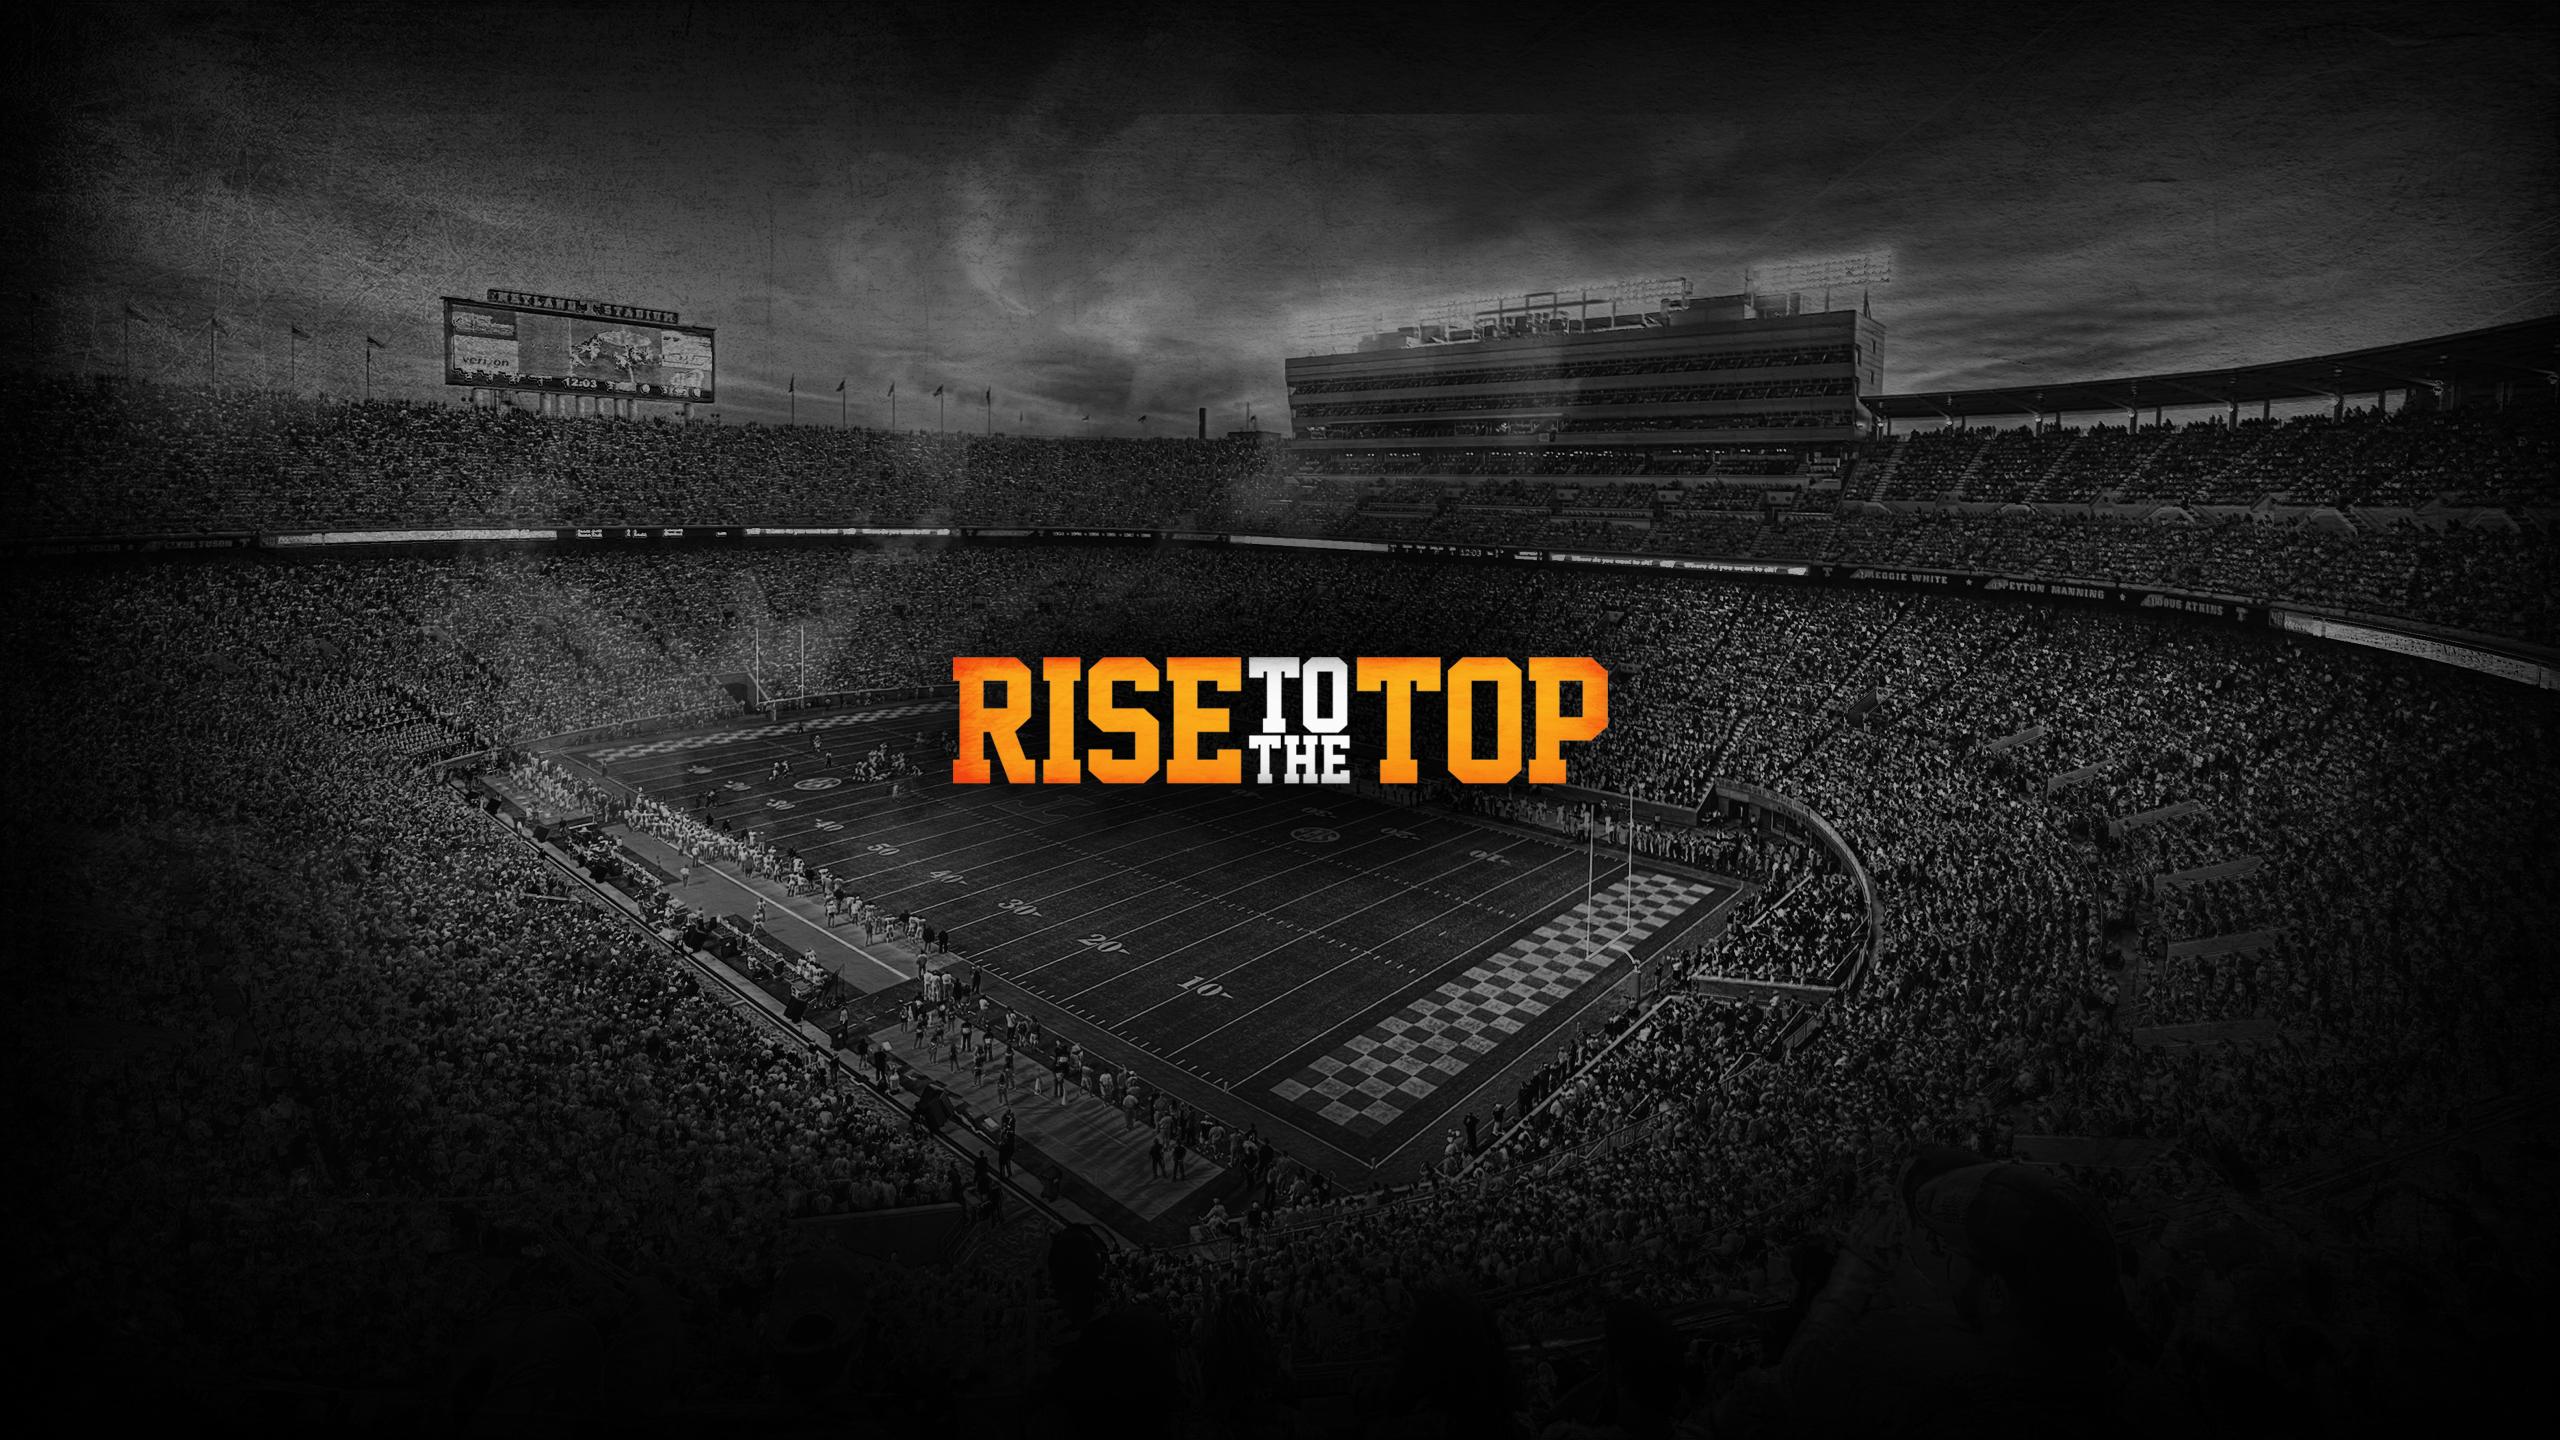 Tennessee Volunteers Football Wallpaper Desktop 2560x1440jpg 2560x1440